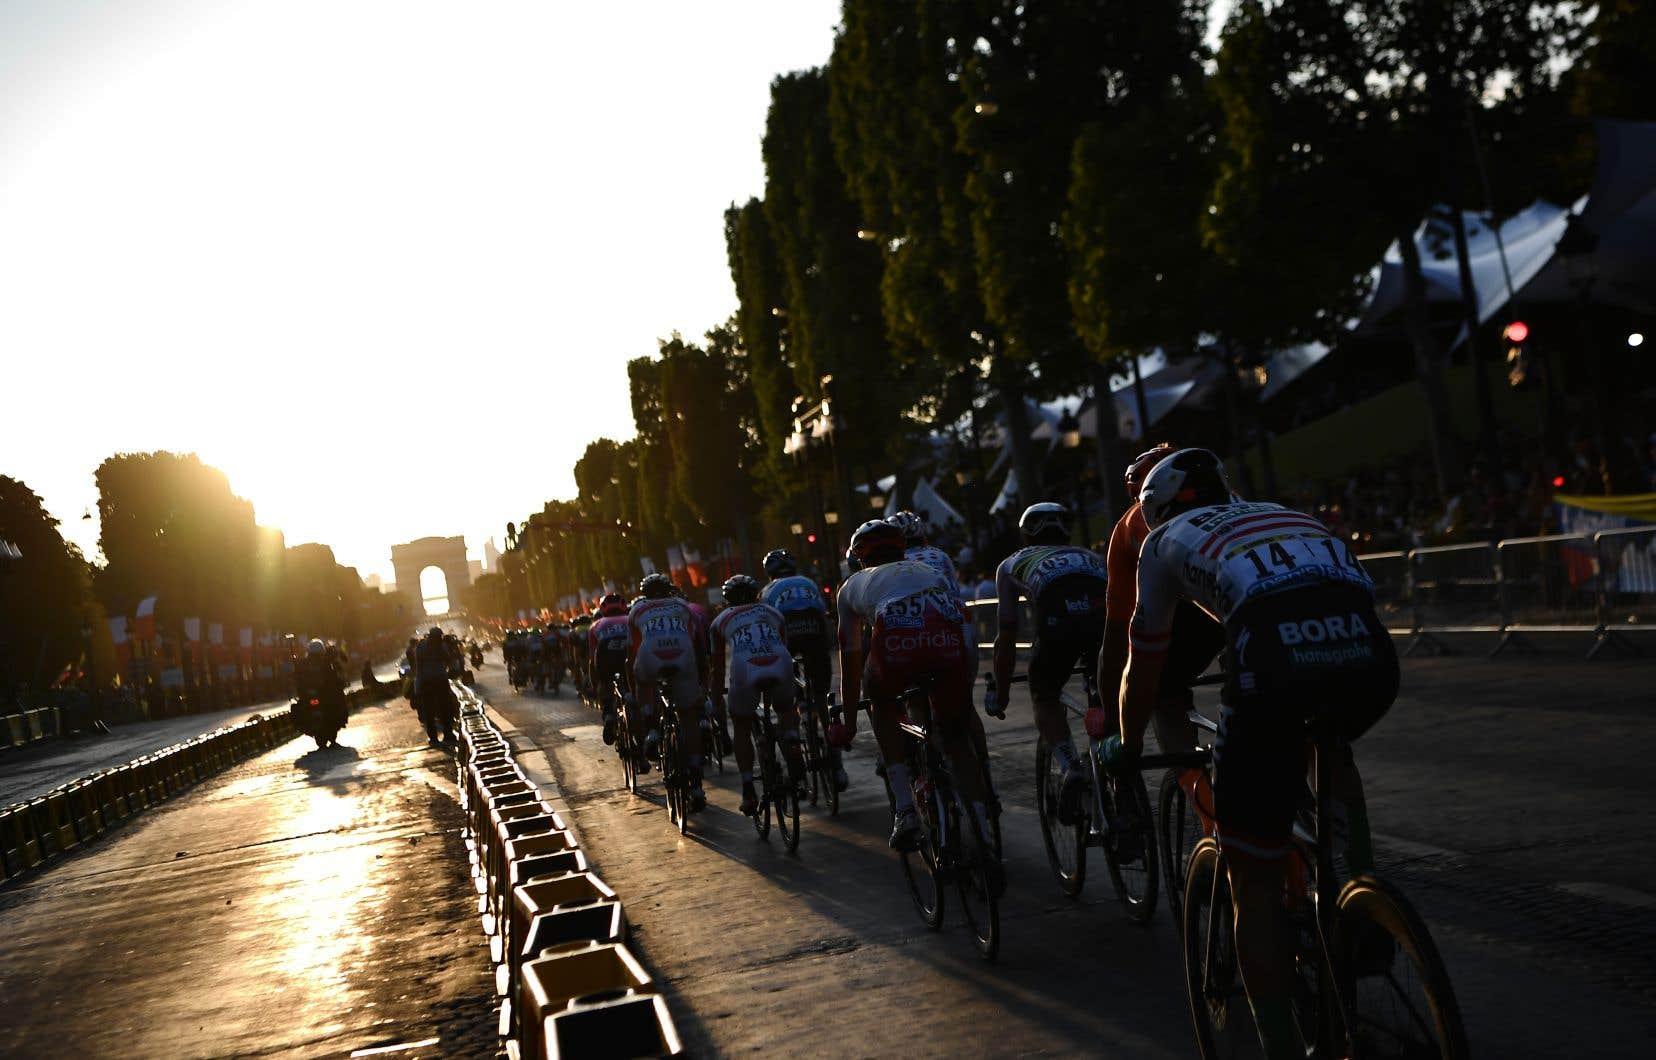 Après Copenhague, tout indique que la Bretagne est la mieux placée pour accueillir le Grand départ de la plus grande course cycliste du monde.